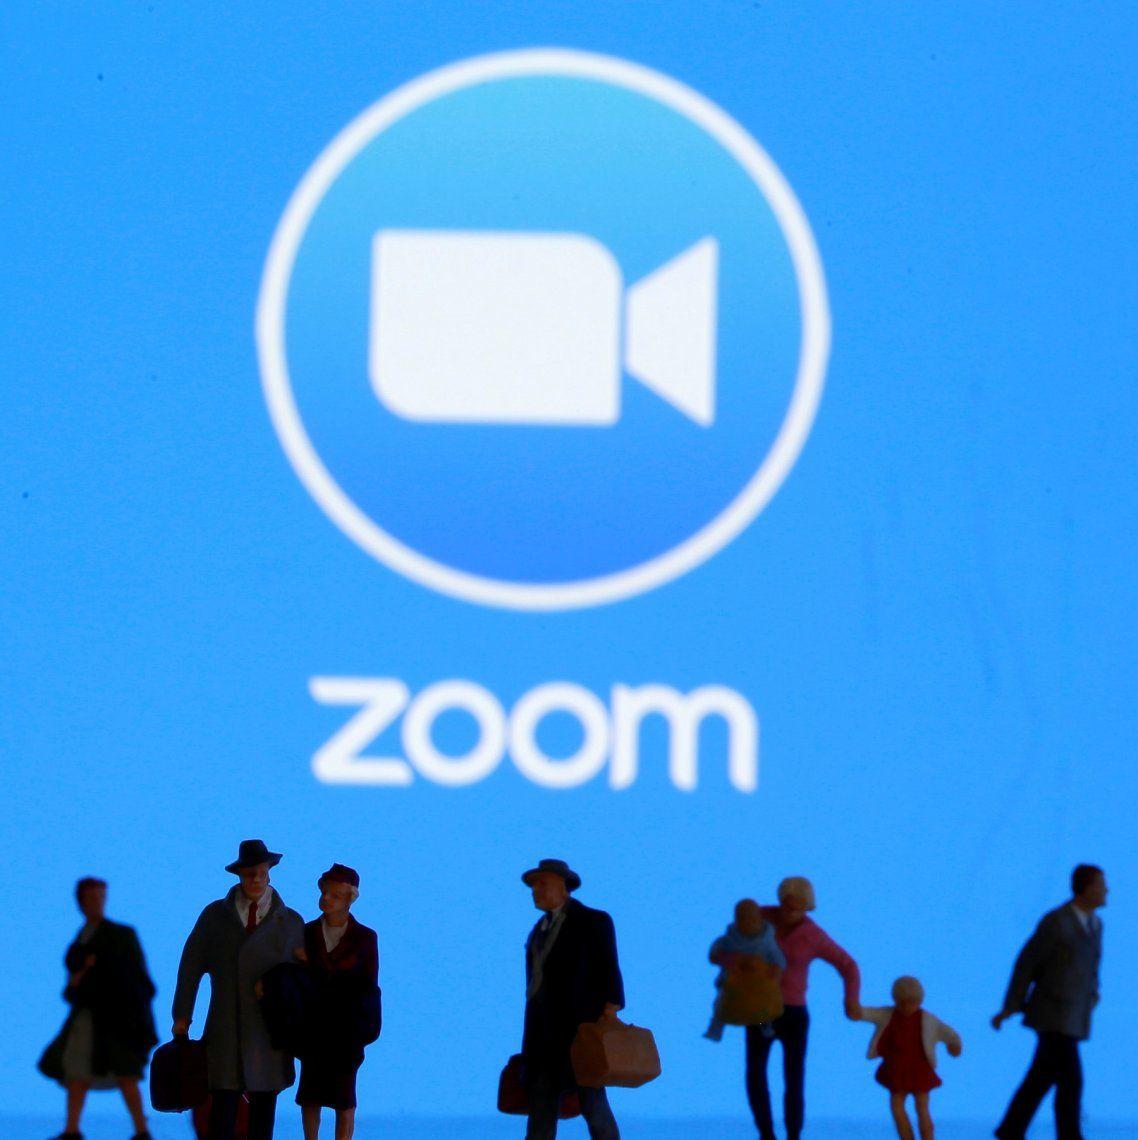 Zoom refuerza su seguridad tras sufrir algunos problemas